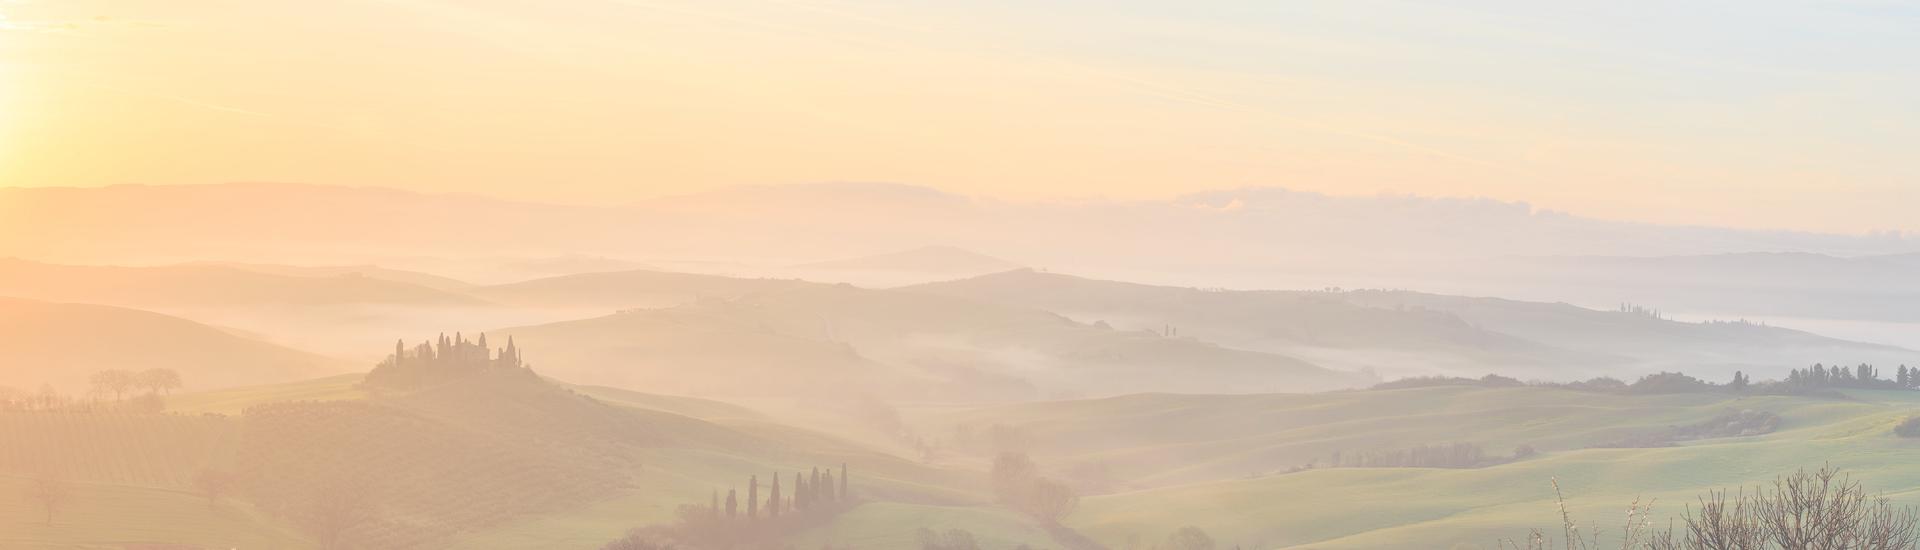 Weine - Bis zu -20% auf Top Weine der Toskana und Super Tuscans! 11/2019 - Slider